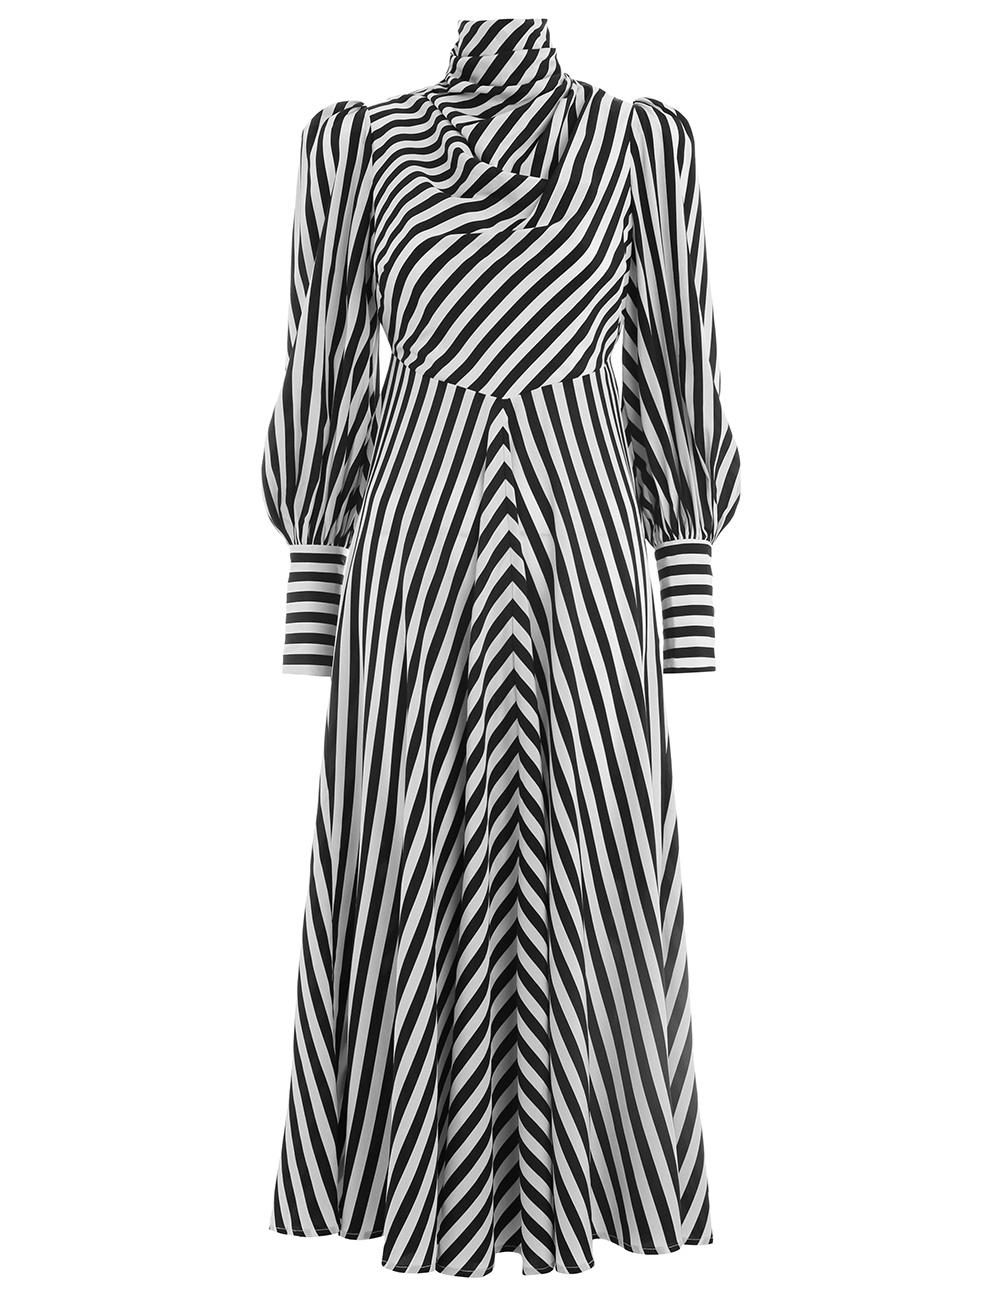 Moncur Cowl Dress